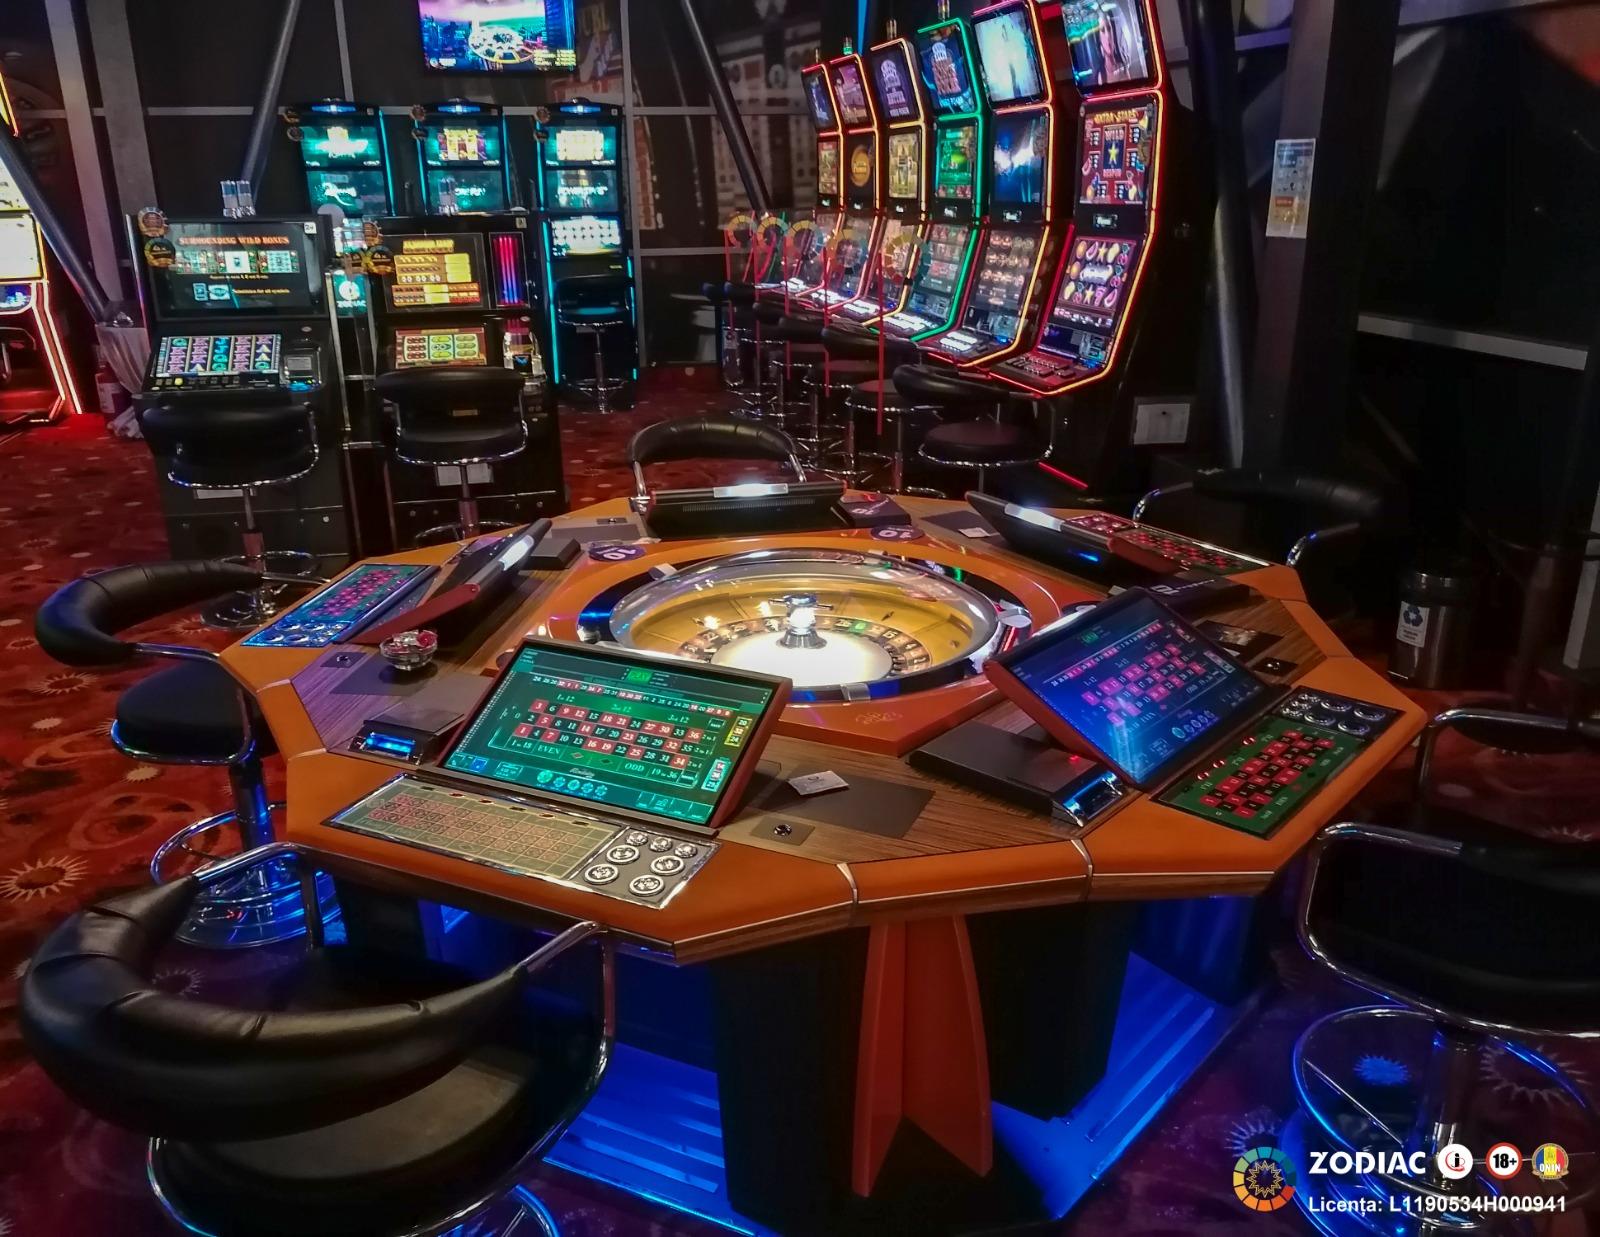 Bucureşti - Zodiac Sală Jocuri Prosper